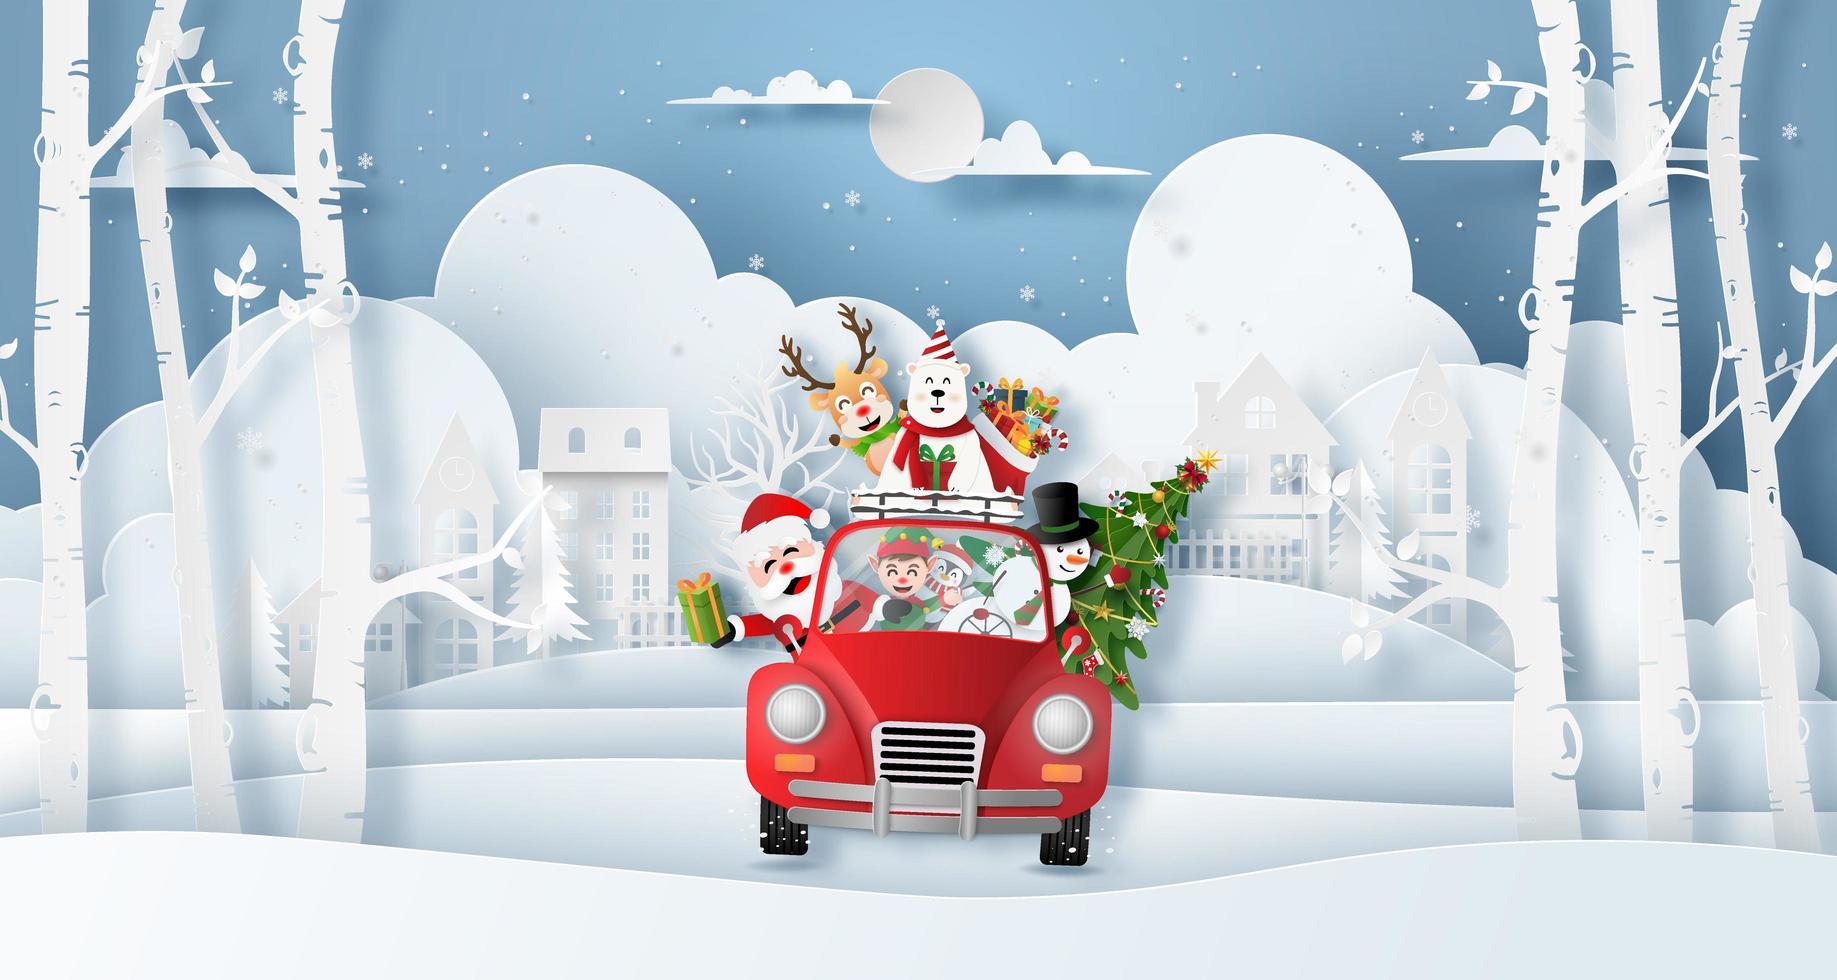 amigos de Natal com Papai Noel no carro, explorar a vila de Natal vetor